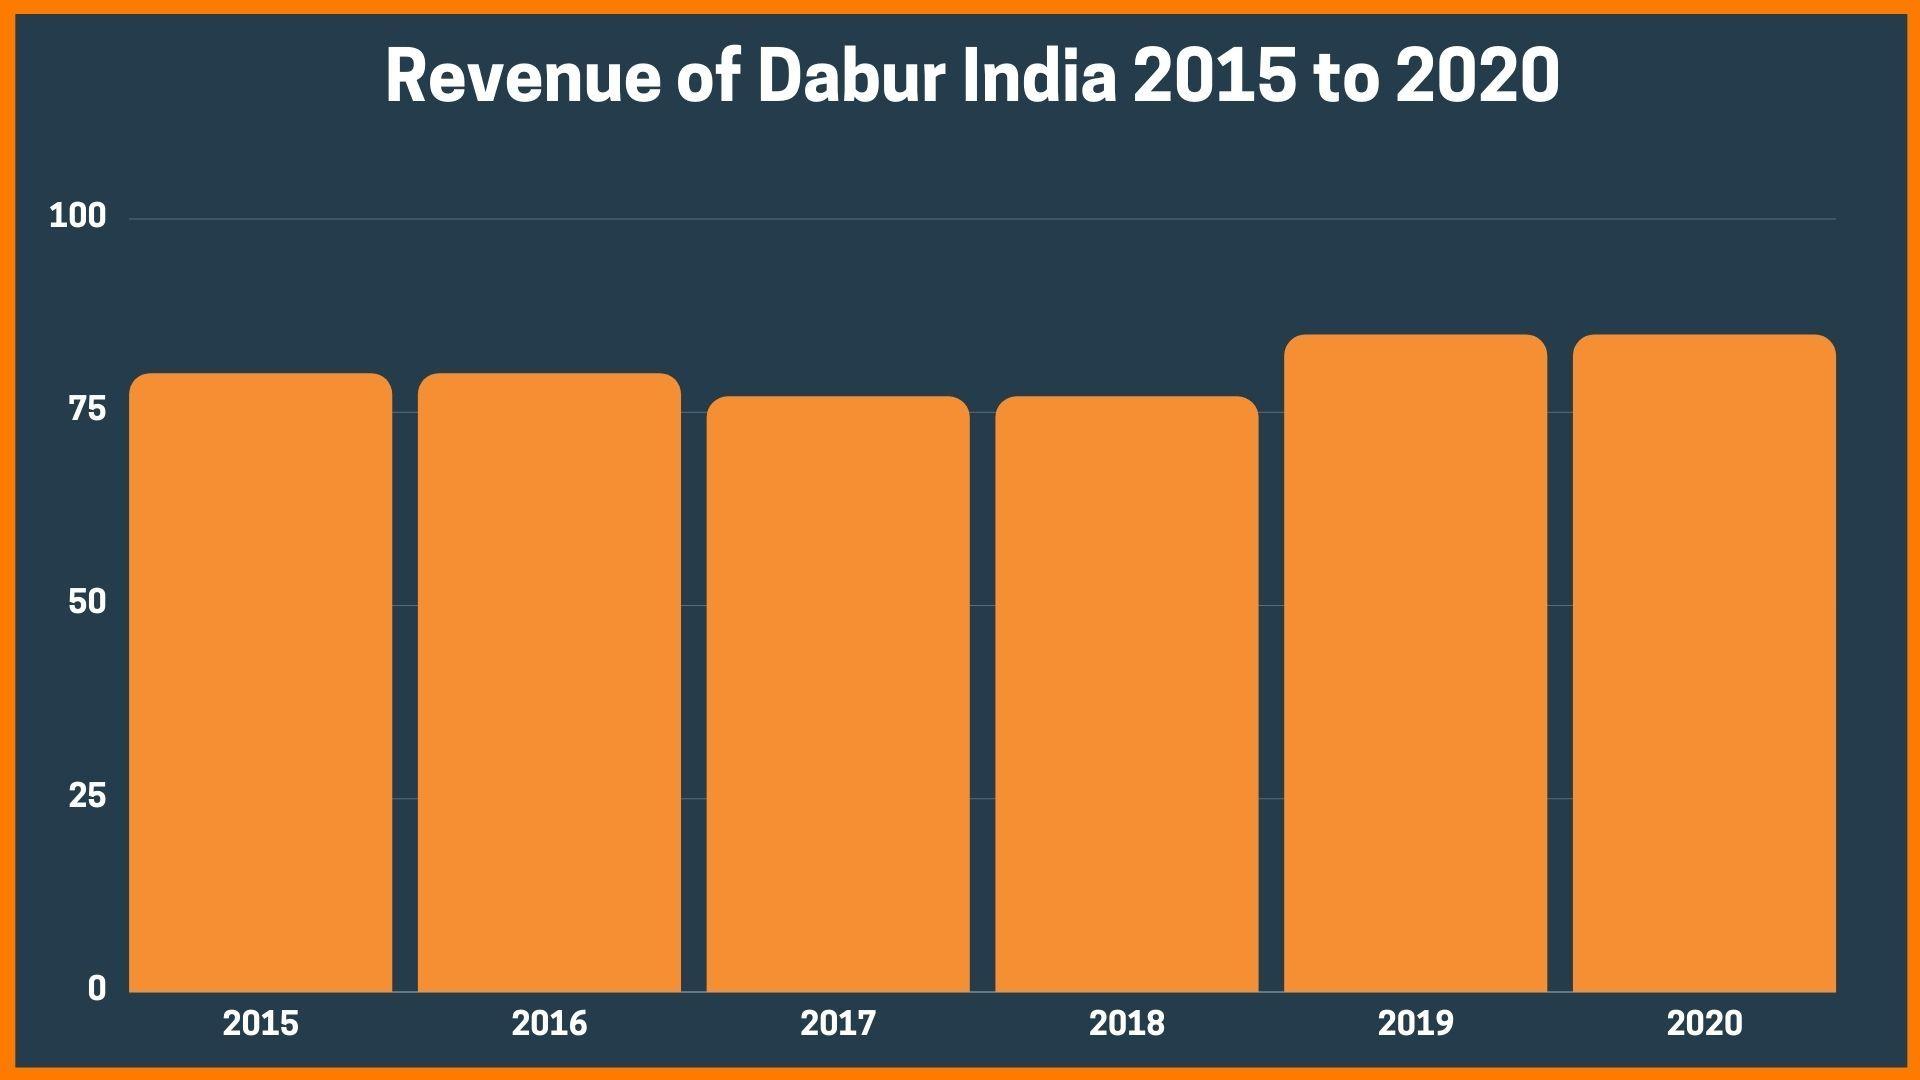 Revenue of Dabur India